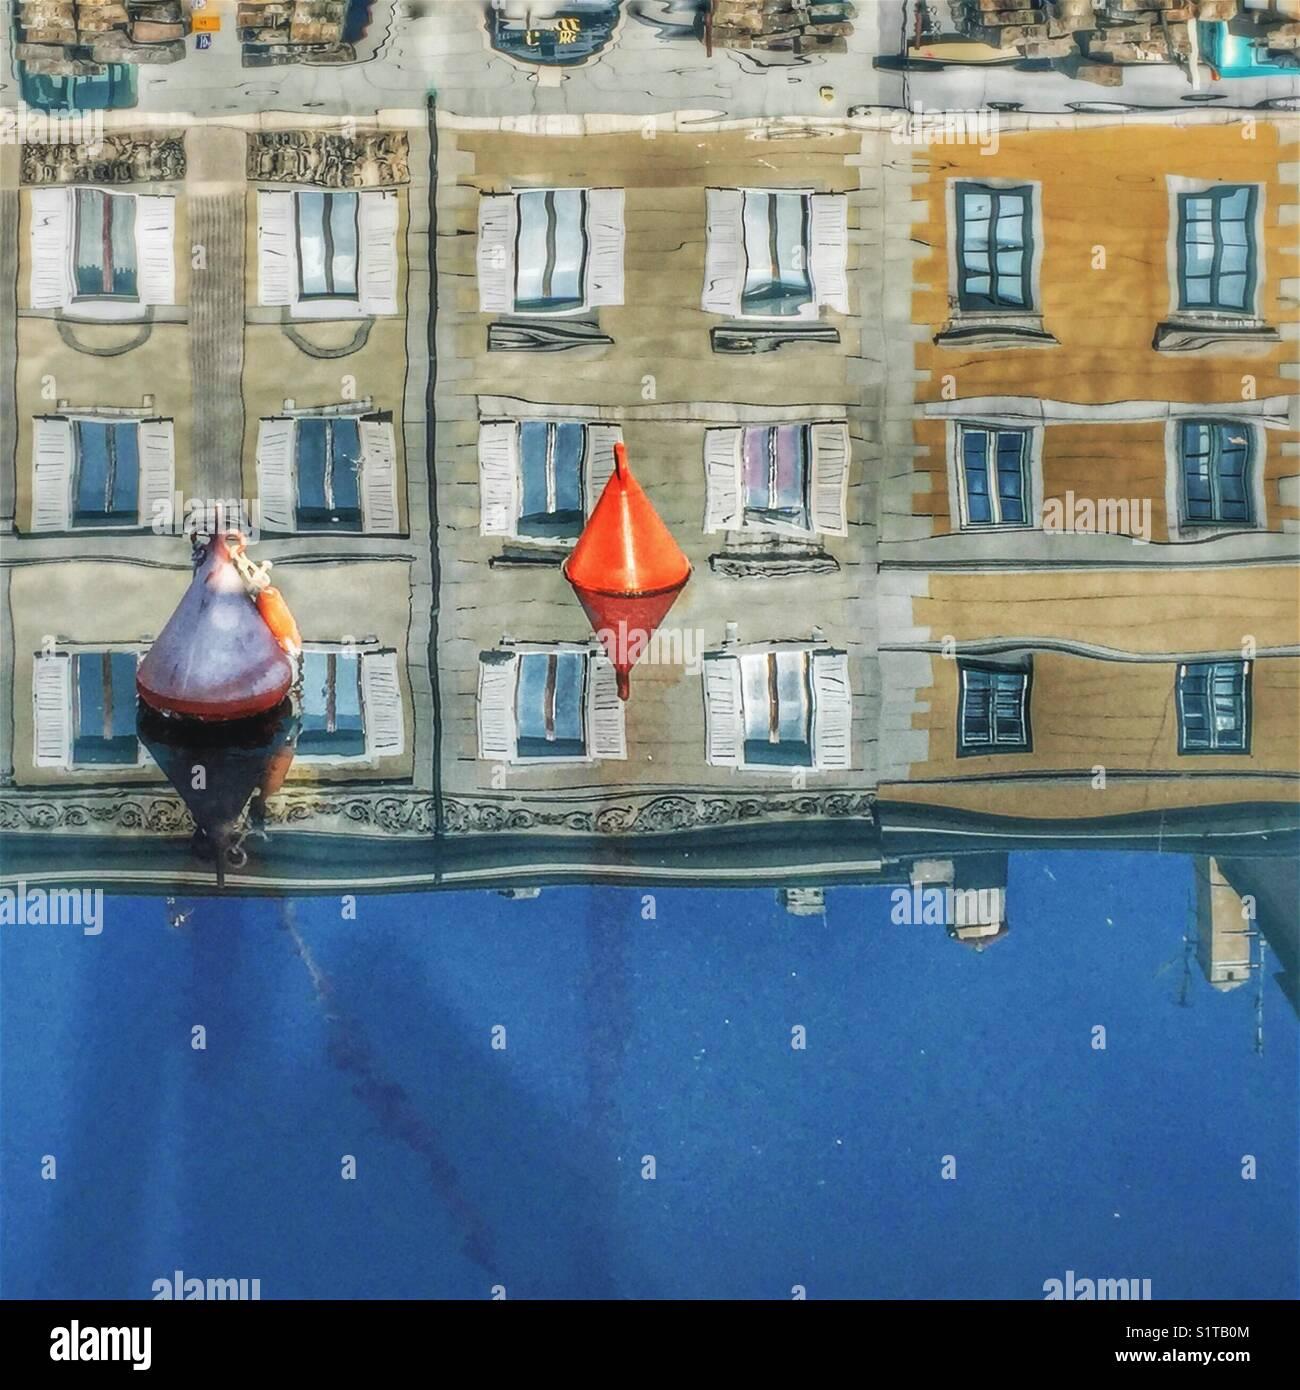 Reflexionen von Häusern in Wasser - Canal Grande, Triest, Italien Stockbild